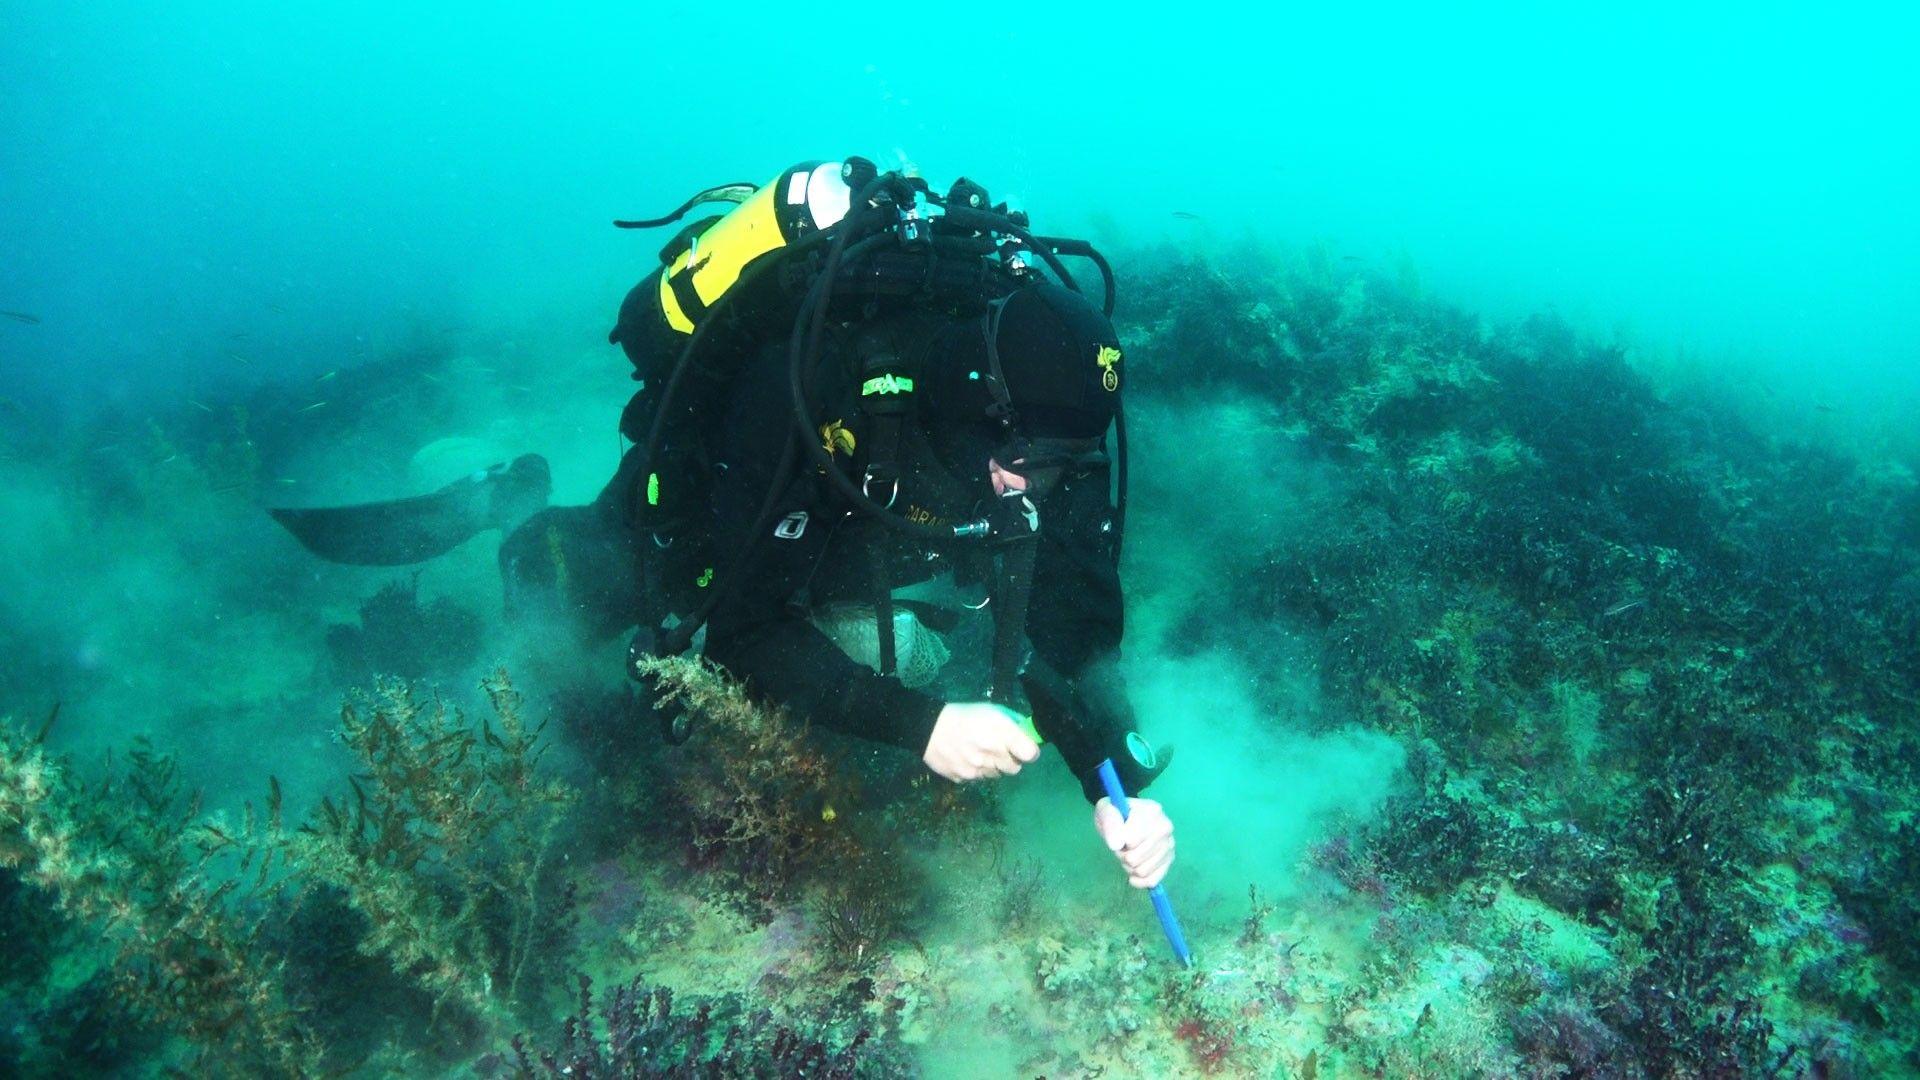 Découverte de six volcans sous-marins au large de la Sicile | National Geographic